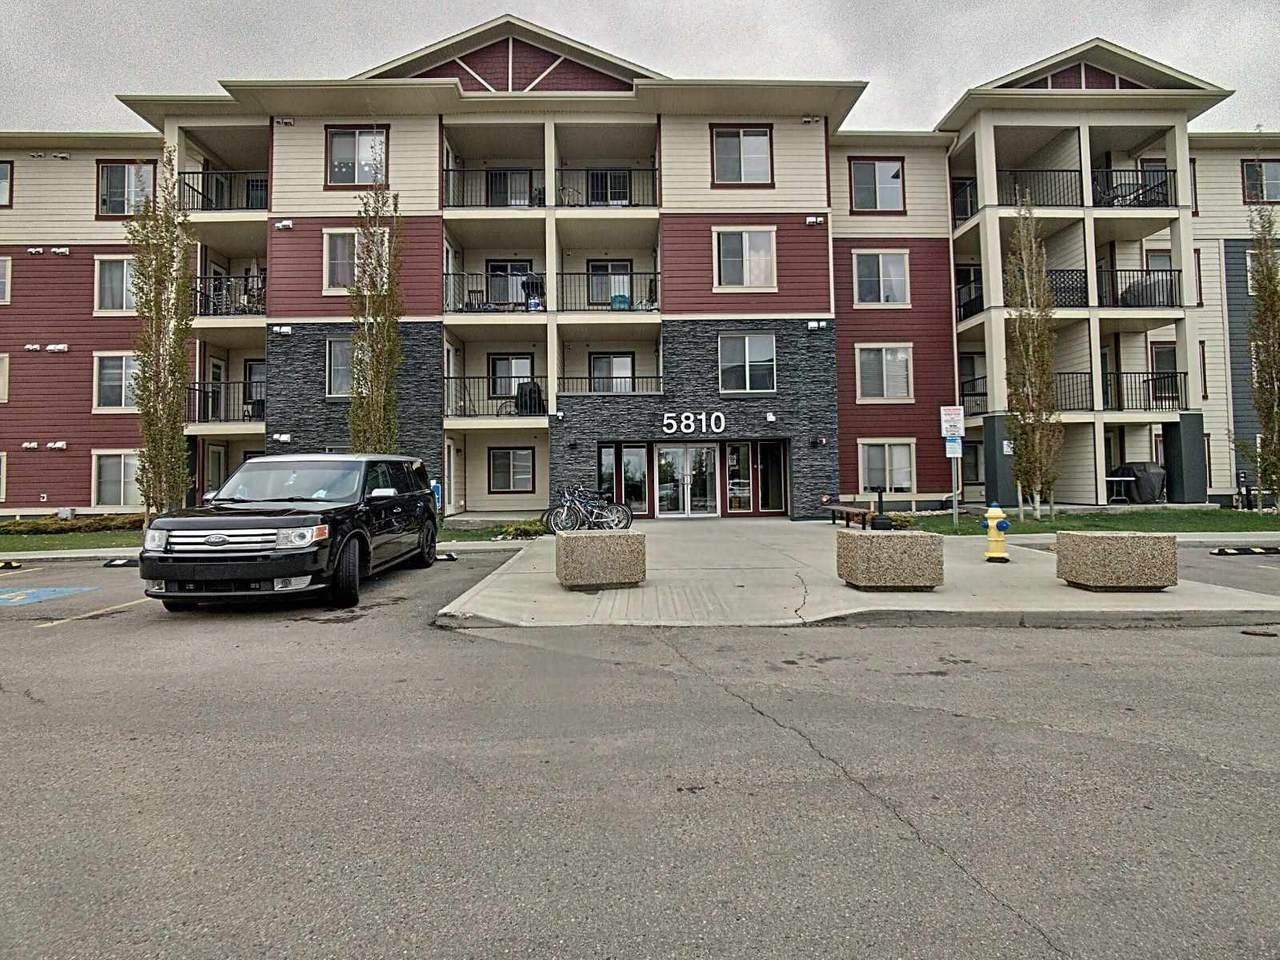 408 - 5810 Mullen Place - Photo 1